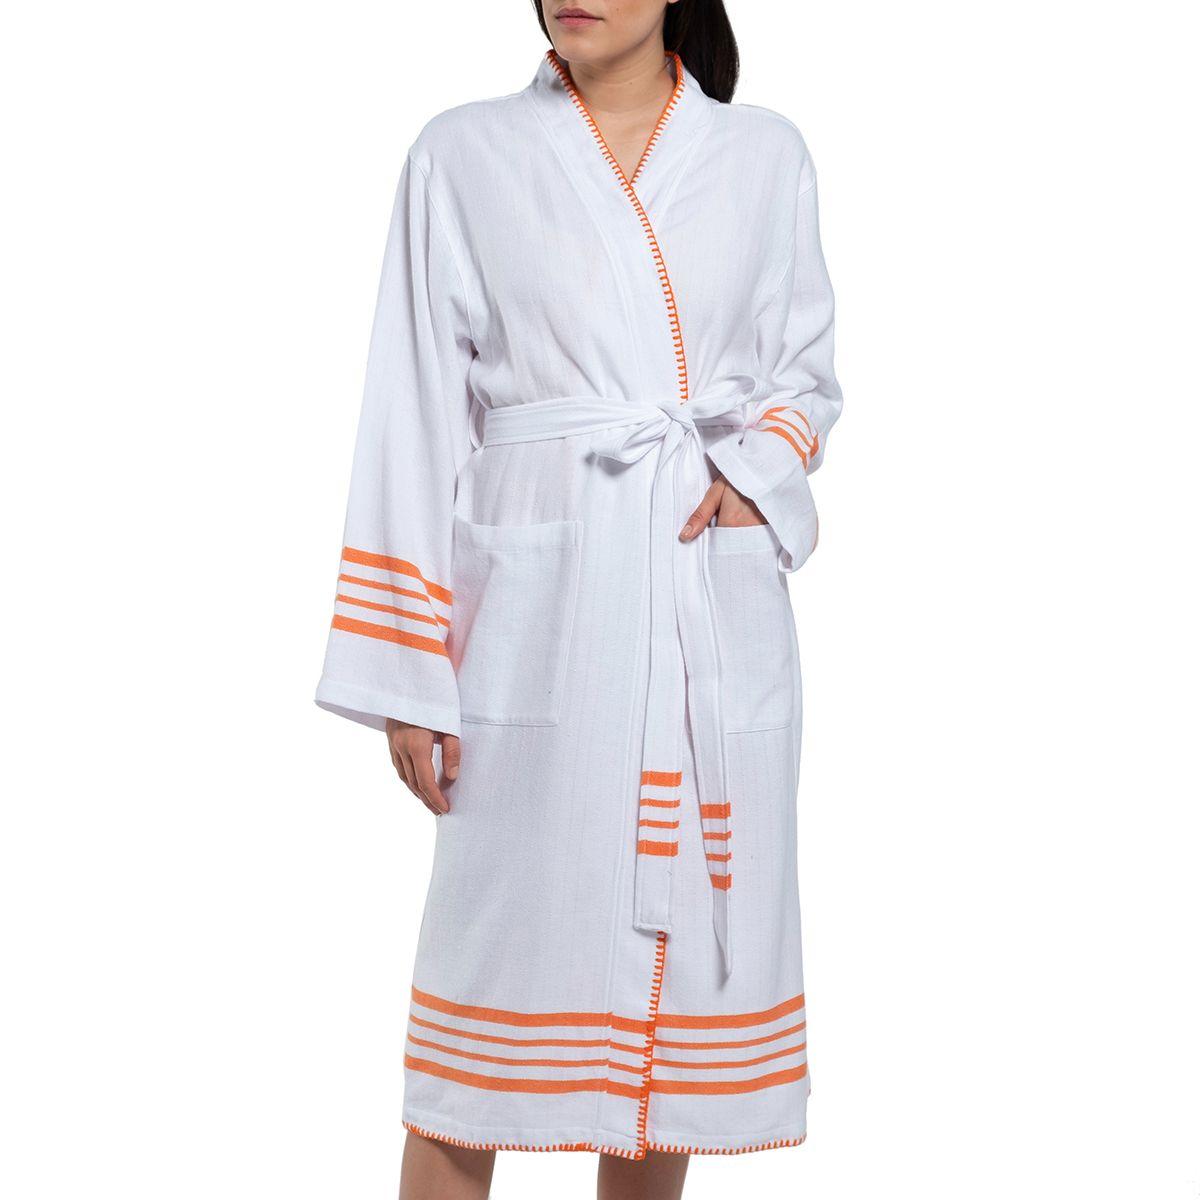 Bathrobe White Sultan - Orange Stripes